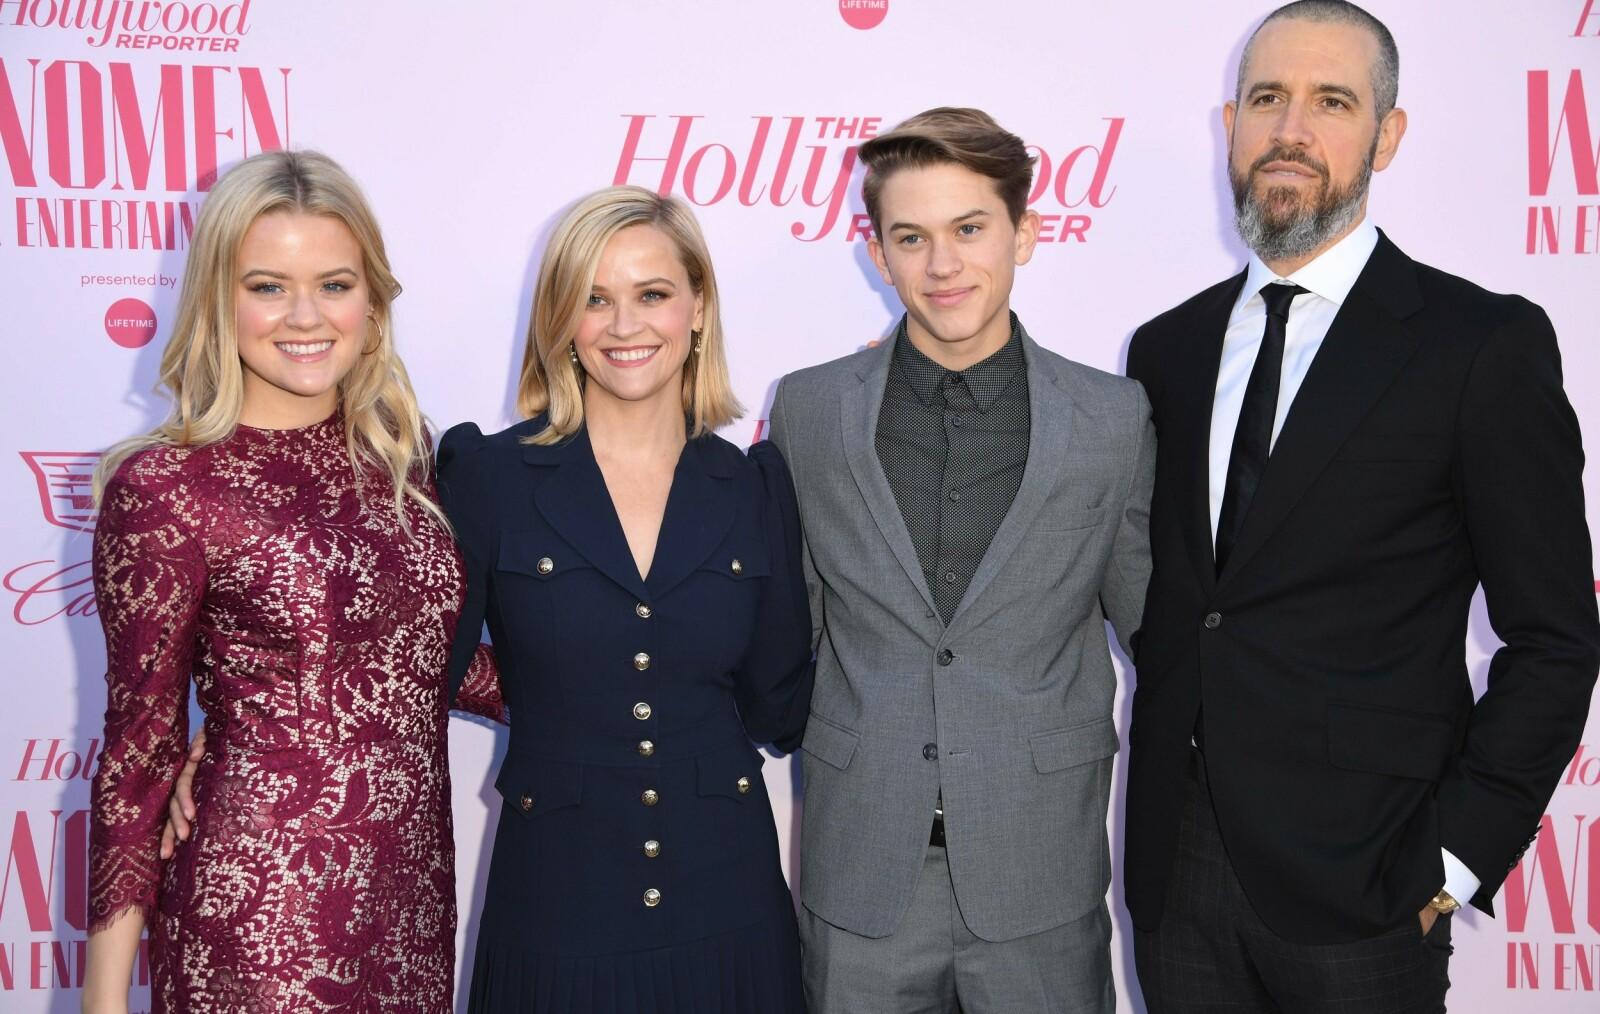 FIN FAMILIE: Reese Witherspoon med ektemannen Jim Toth og de to eldste barna Ava og Deacon under en tilstelning i 2019. Hun har også sønnen Tennessee. FOTO: NTB